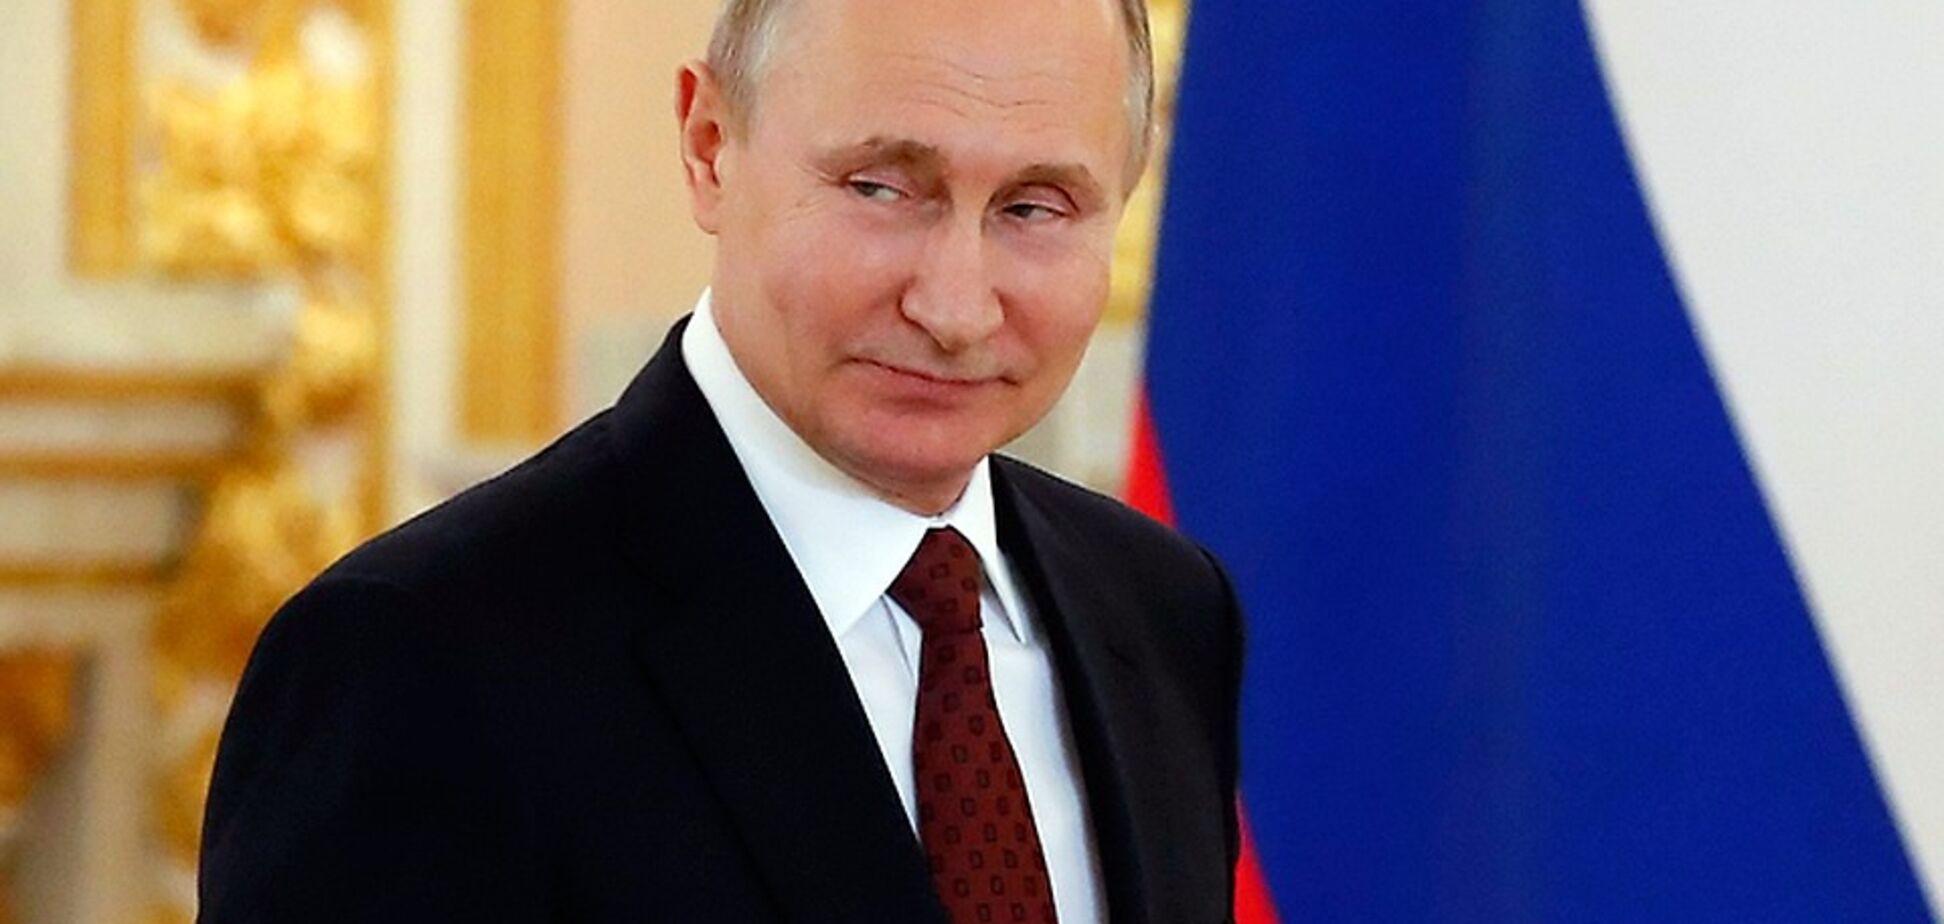 'Один вкрав гусака, інший - Крим': Турчинов порівняв Путіна з легендарним шахраєм